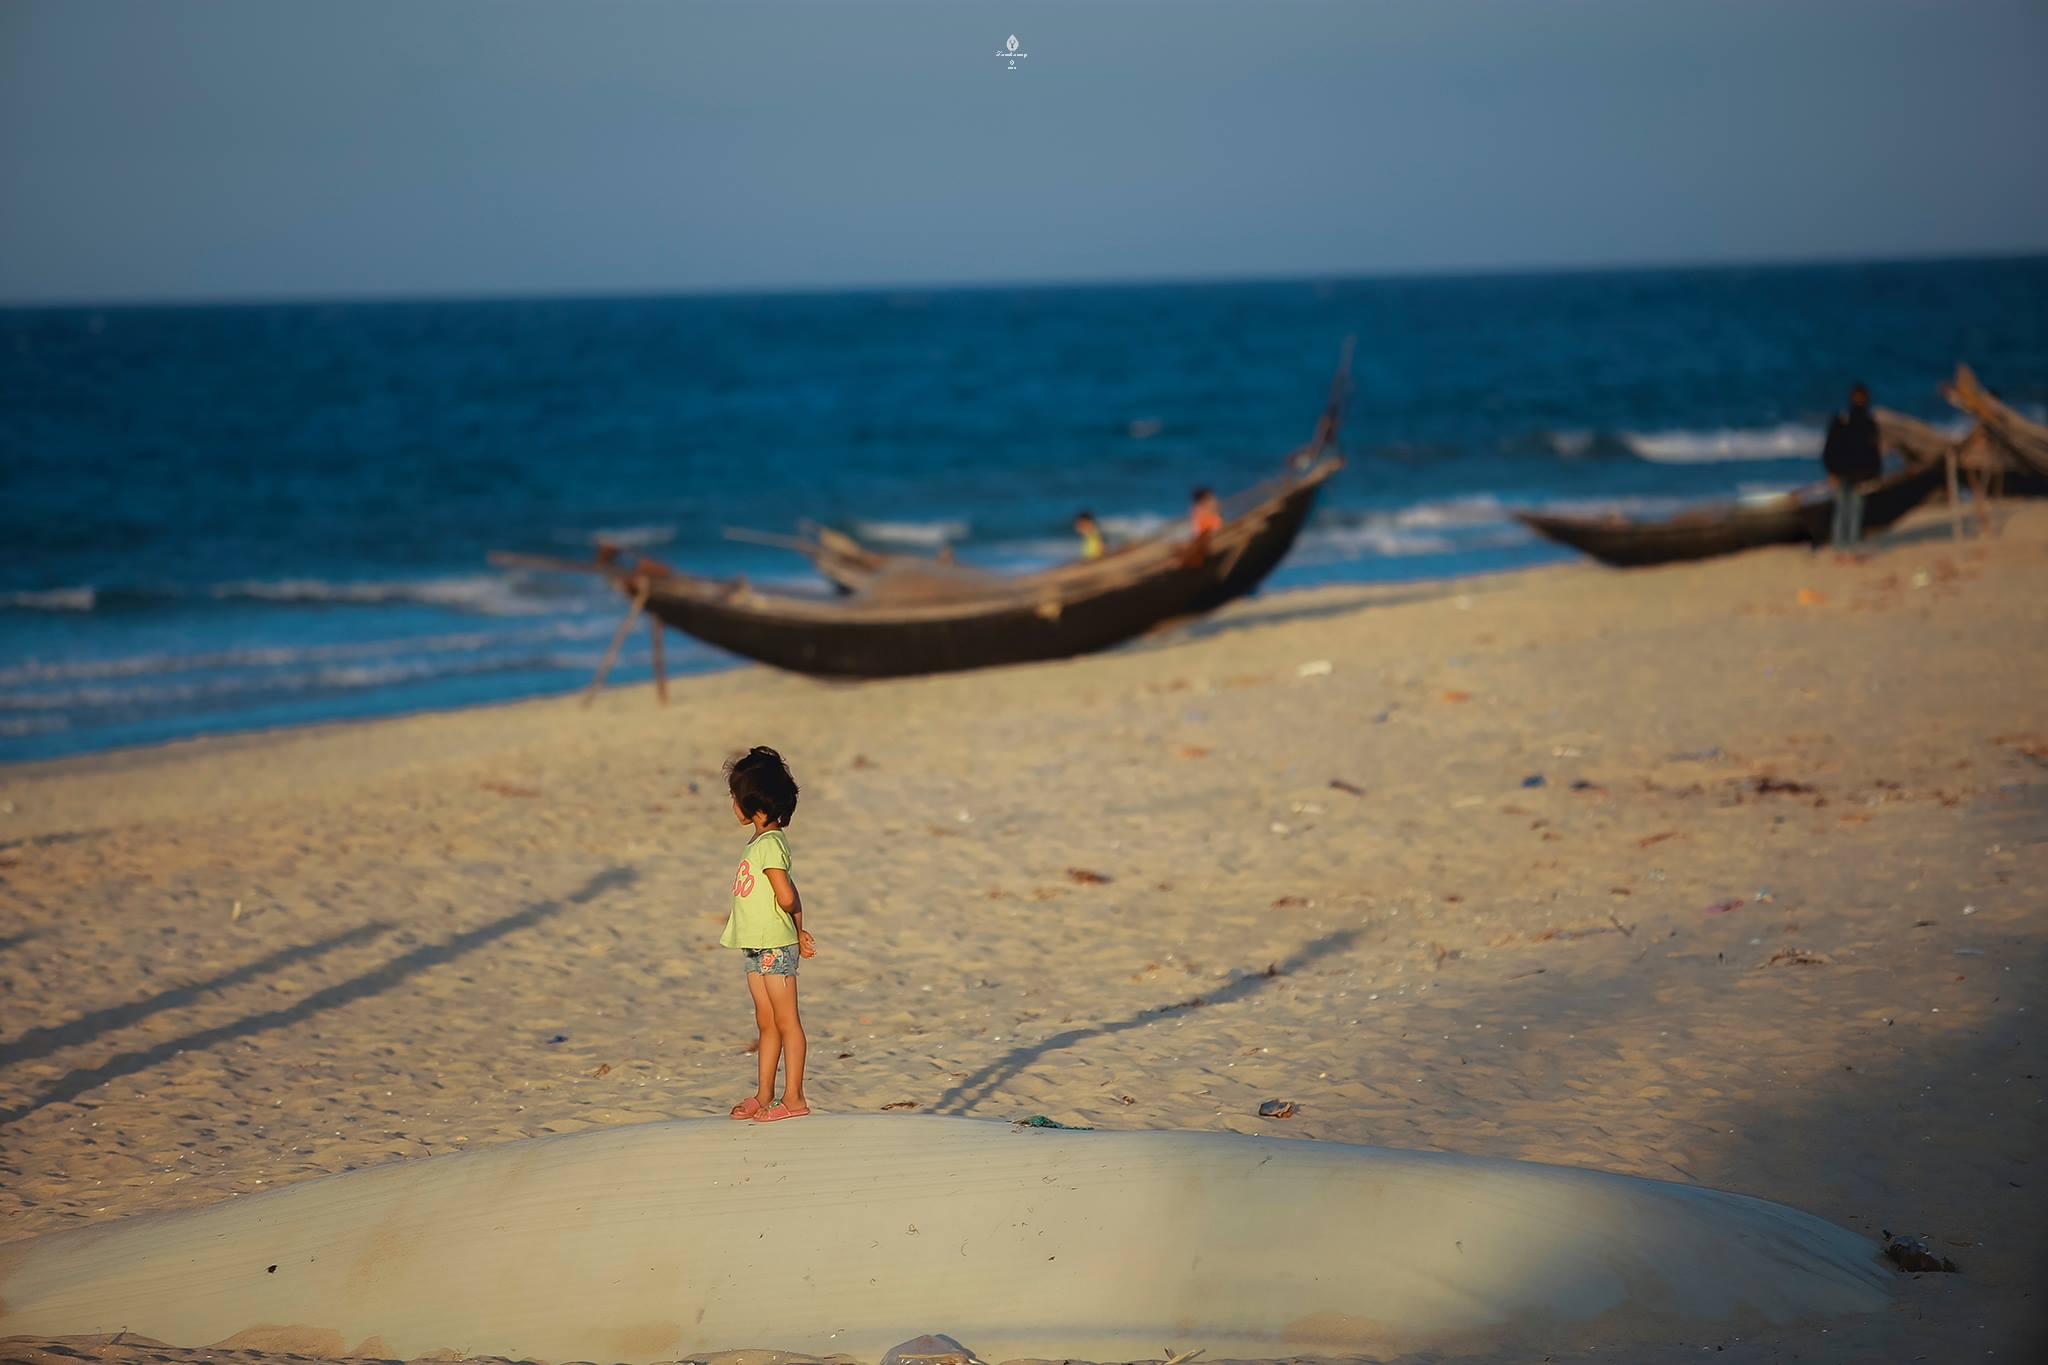 Bao giờ biển đầy cho em cá tôm? Biển Thừa Thiên-Huế, tháng 7/2016. (Ảnh: Tom Hoàng)